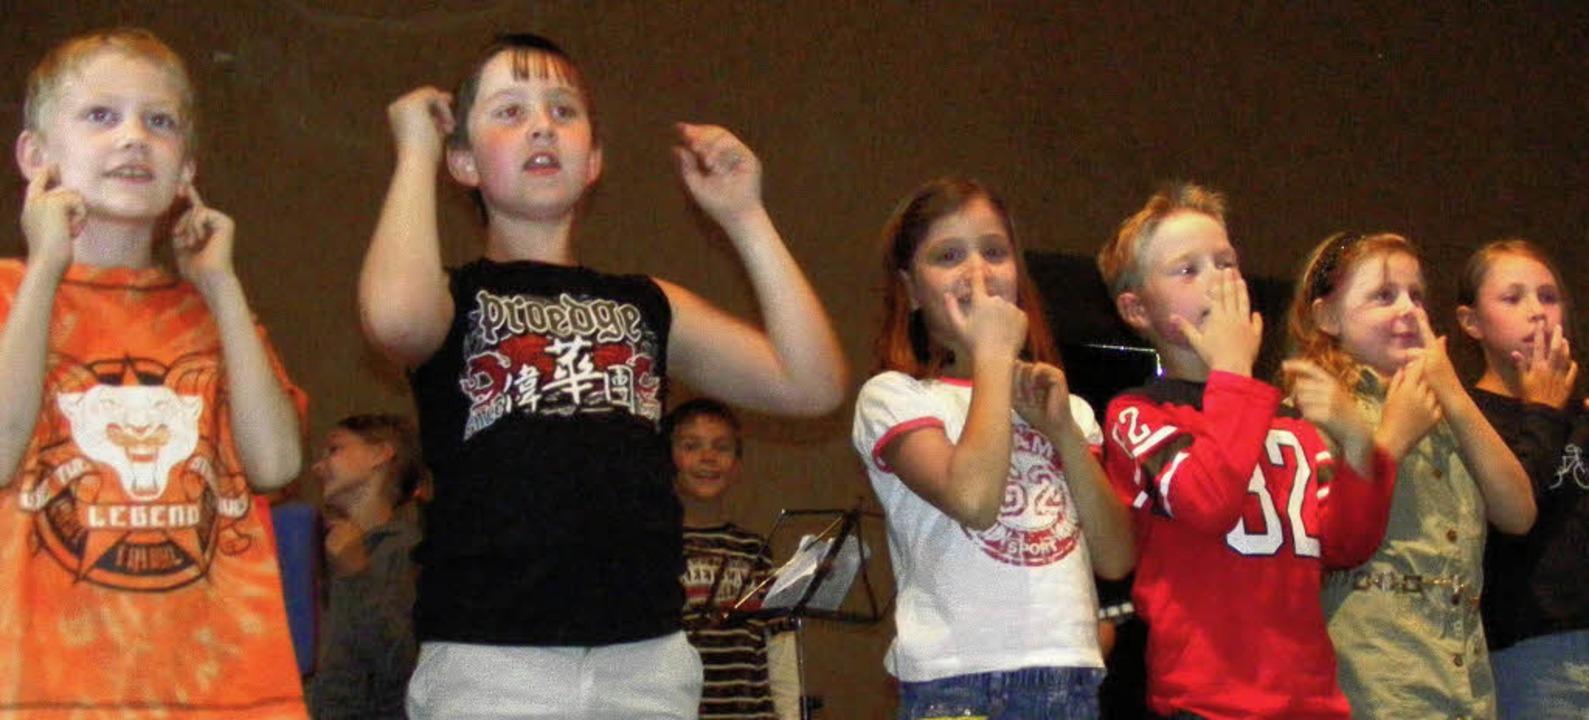 Die Kleinsten waren beim Sängerhock di...eim Sängerhock  besonders viel Freude.    Foto: WOLFGANG ADAM